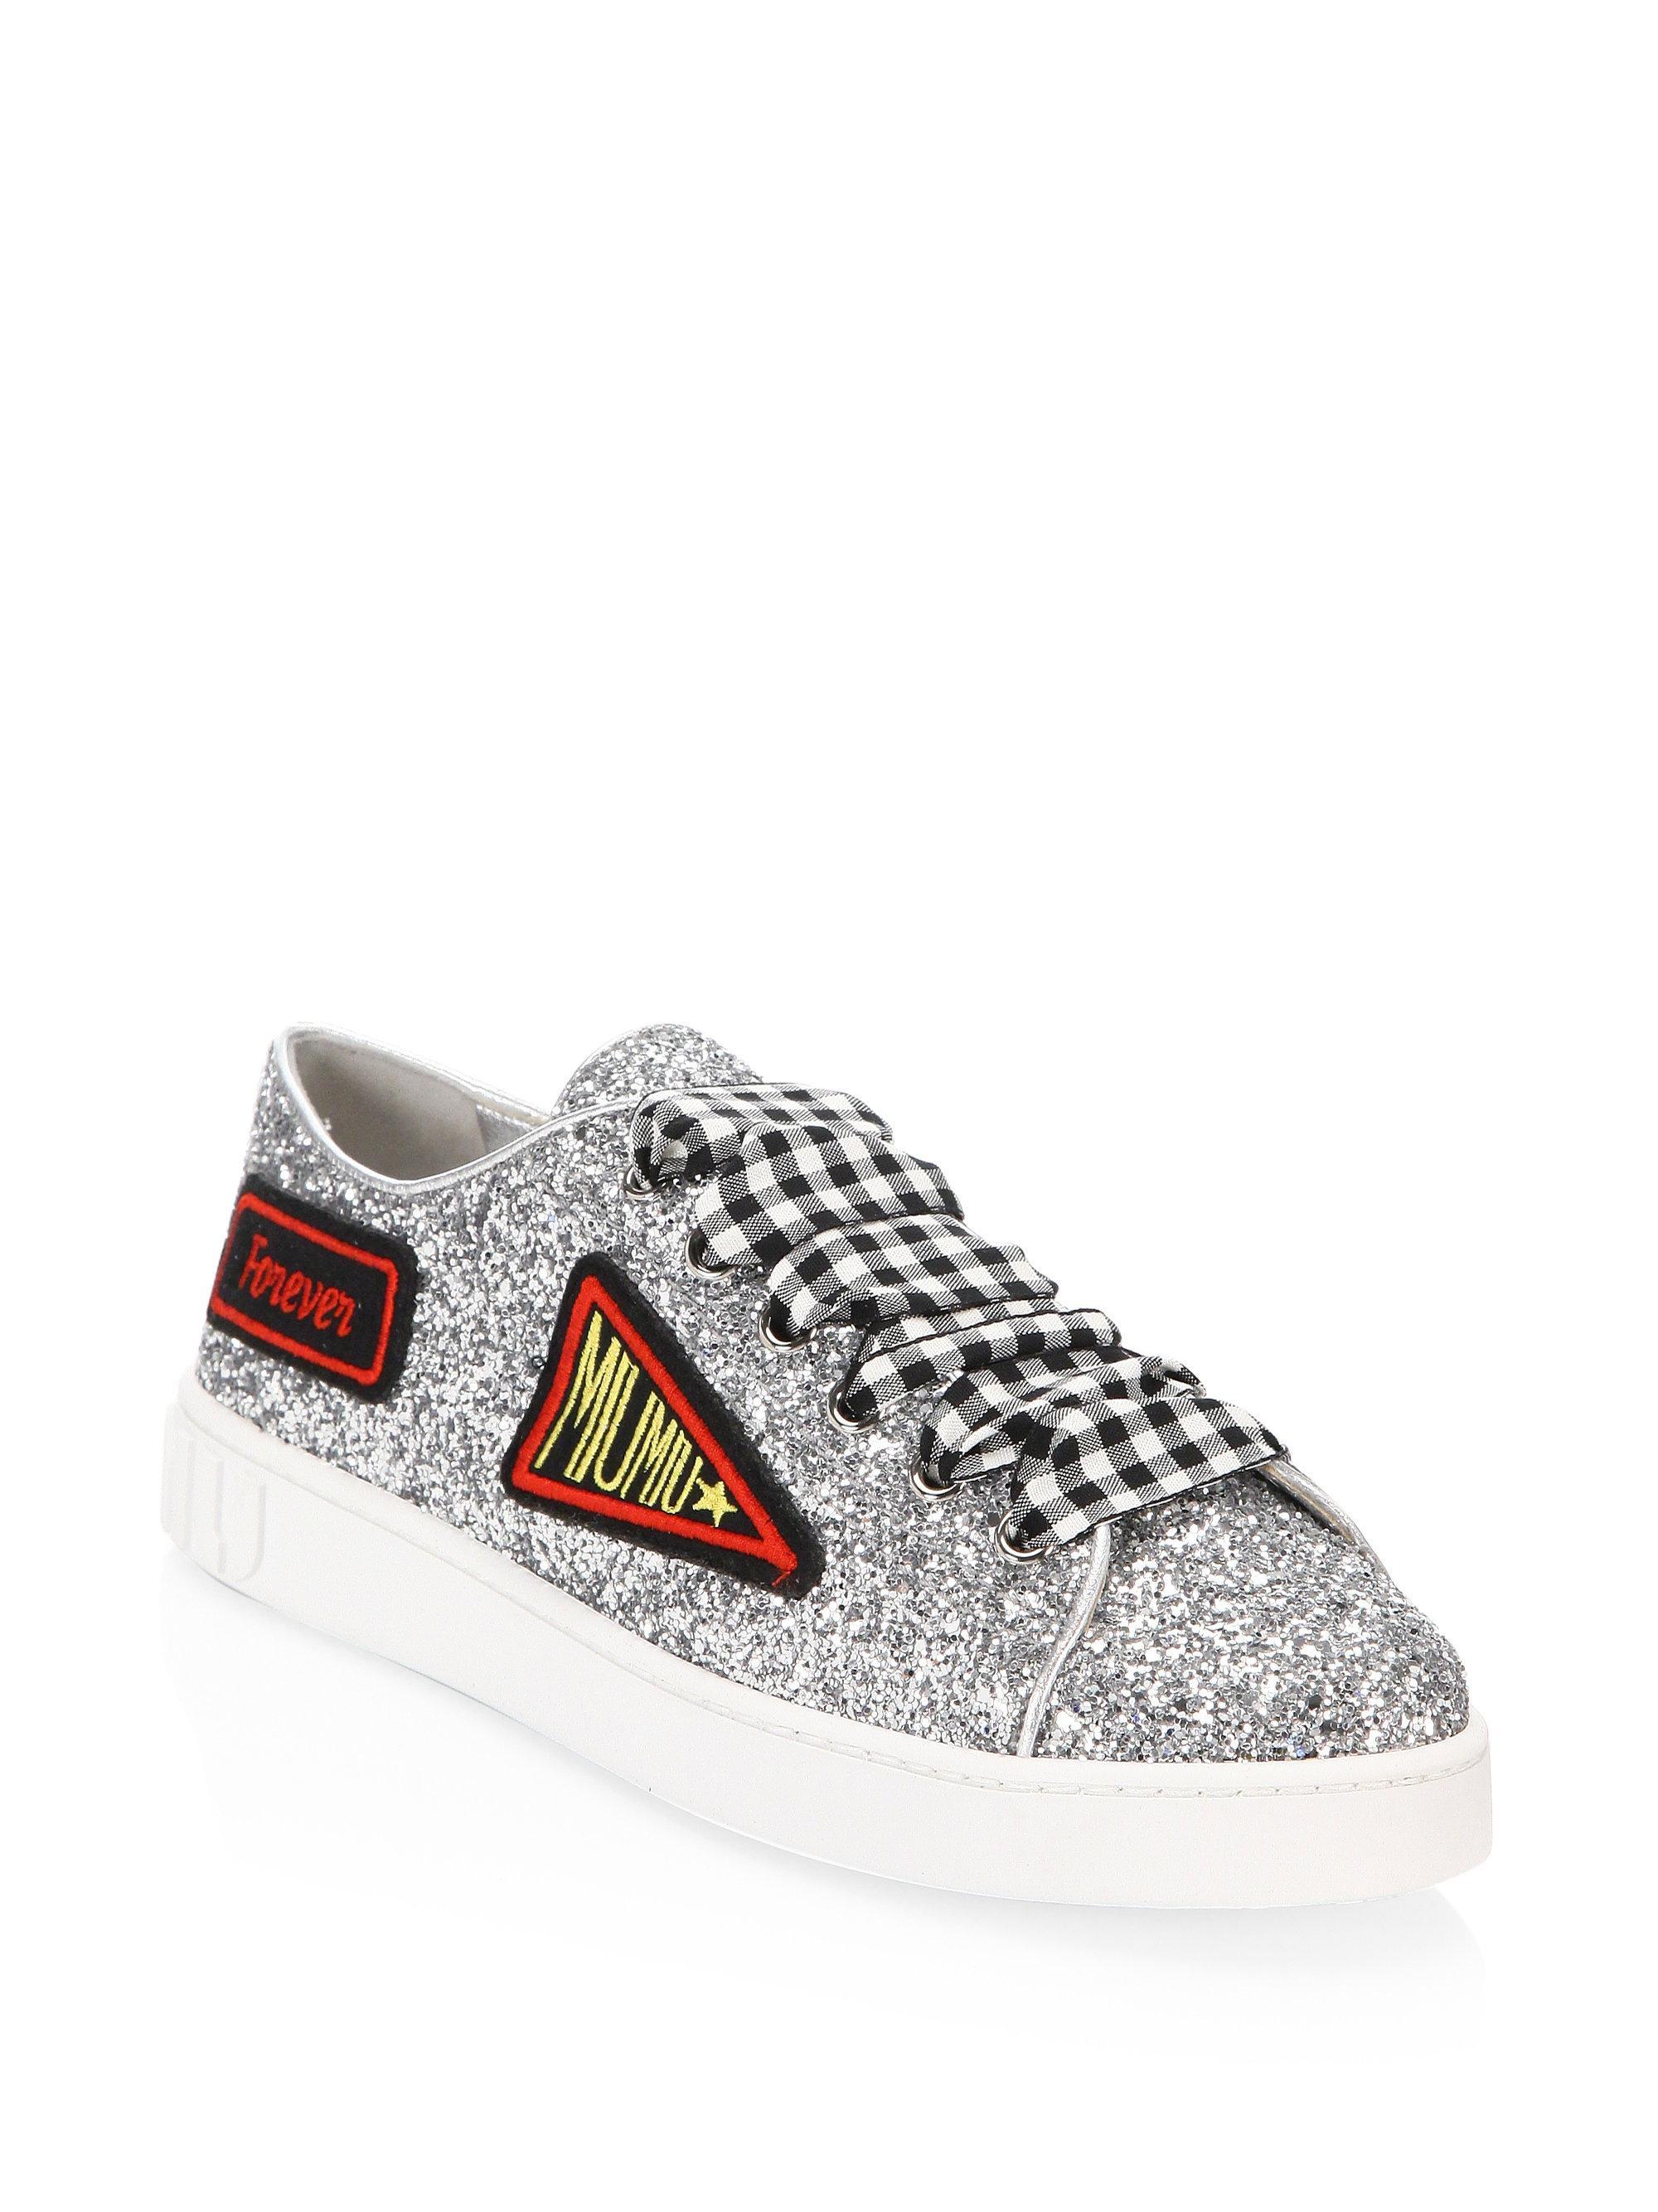 patch embroidered glittered sneakers - Metallic Miu Miu xmNpqv